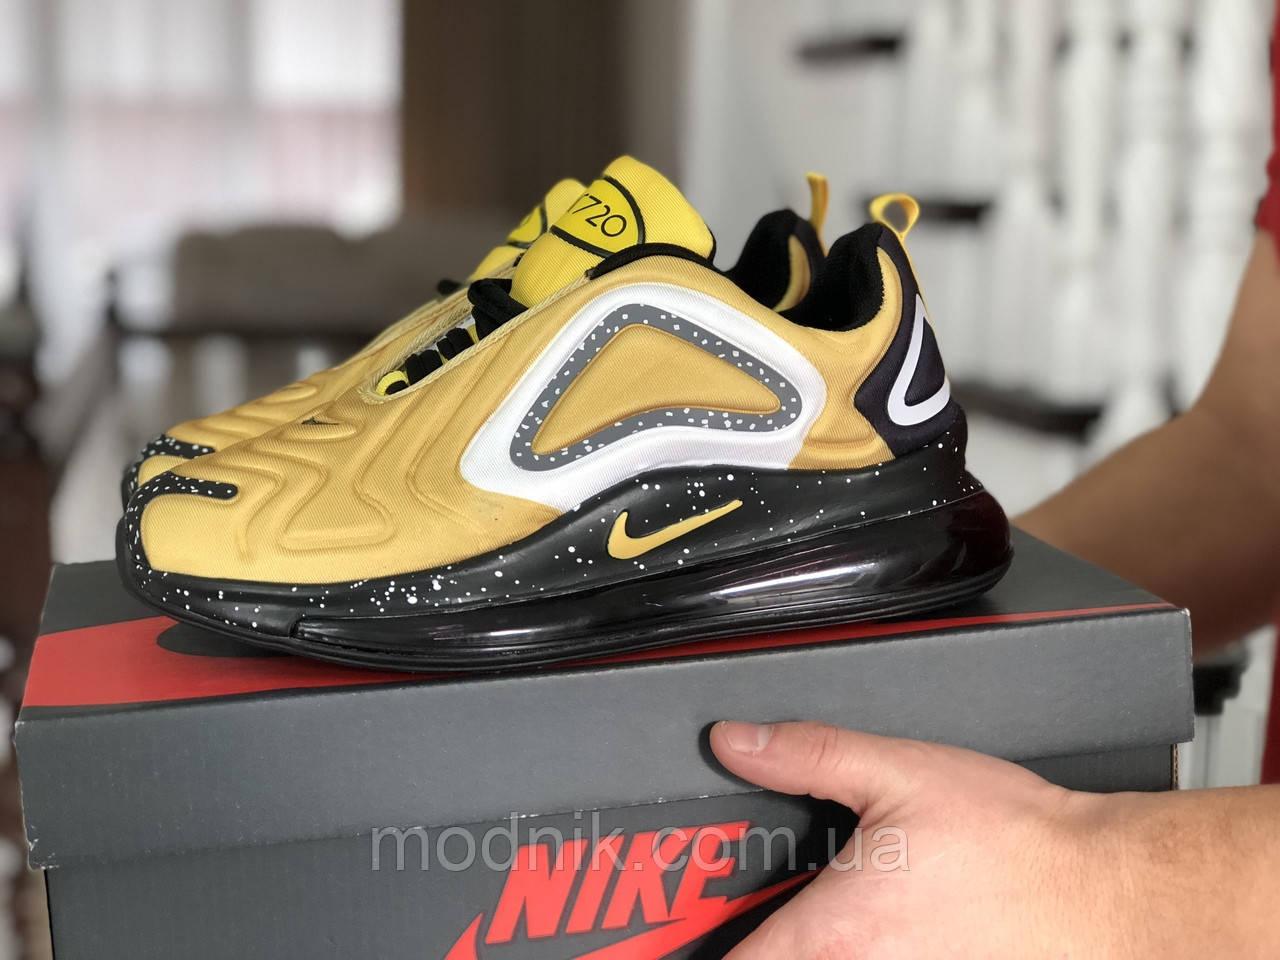 Мужские кроссовки Nike Air Max 720 (желтые)